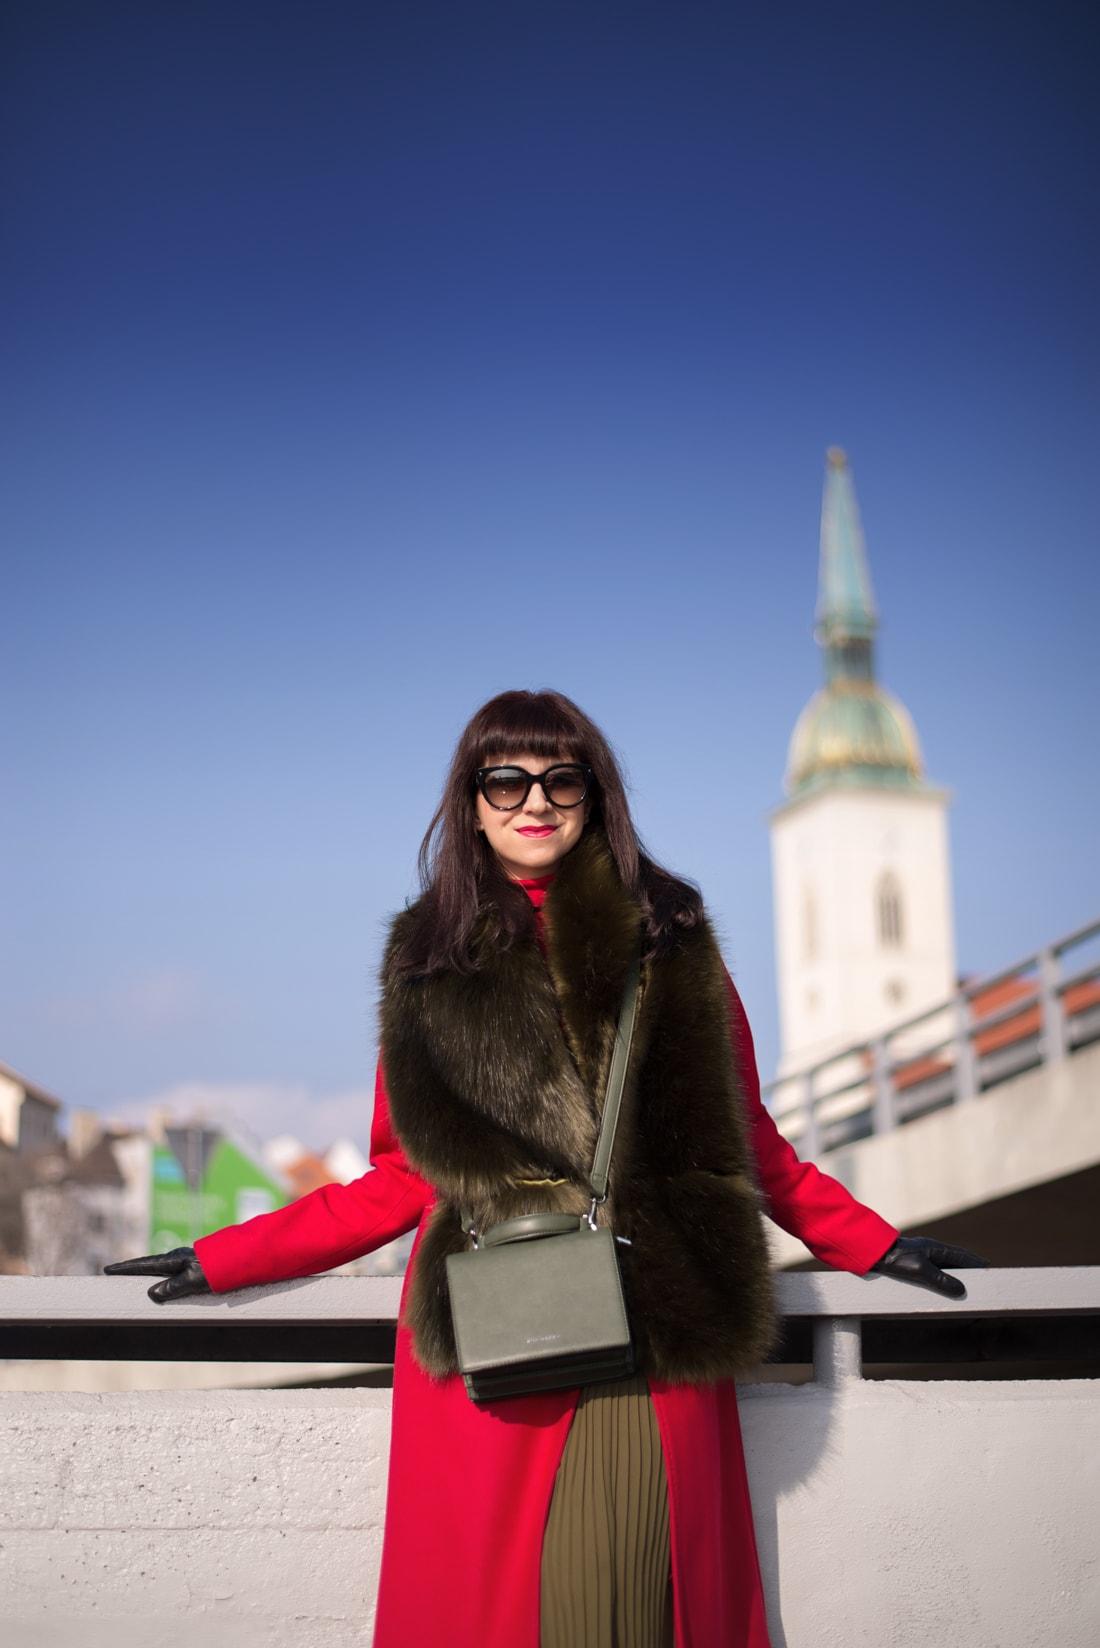 KOŽUŠINA. TAJOMSTVO ÚSPECHU ODHALENÉ._Katharine-fashion is beautiful_blog 5_Červený kabát Zara_Plisovaná sukňa_BUS_Katarína Jakubčová_Fashion blogerka